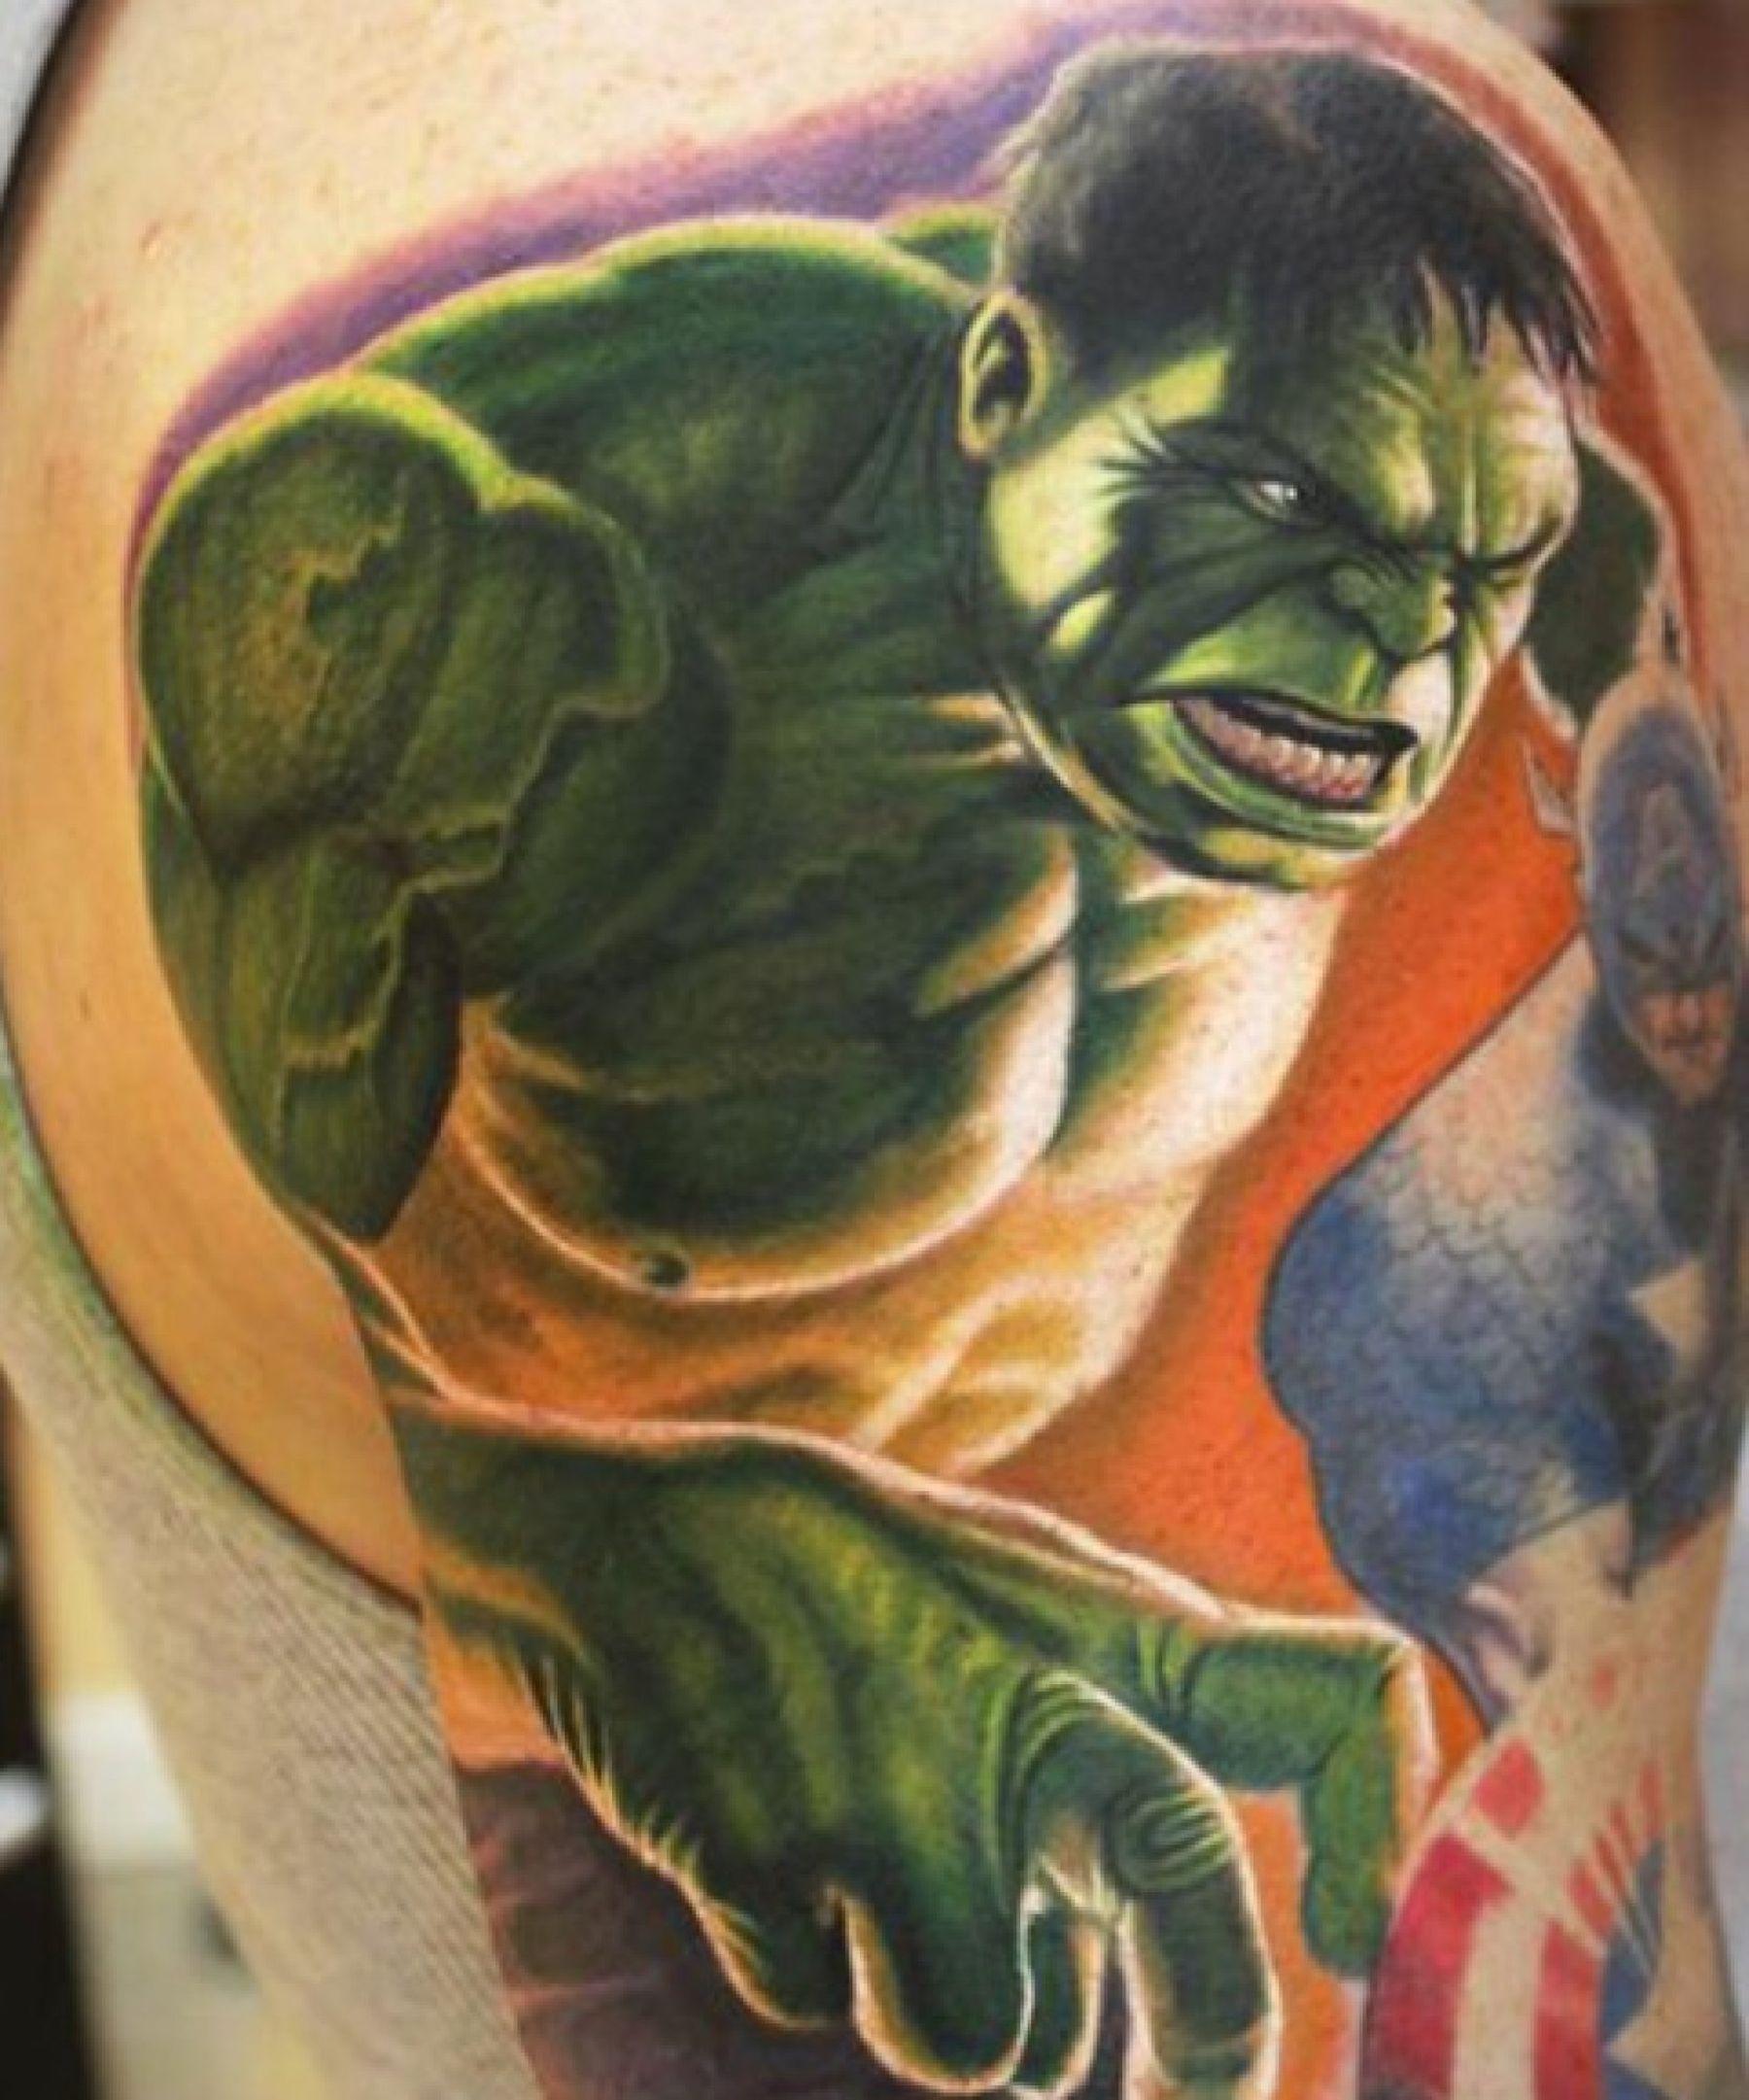 Tatuagens inspiradas em quadrinhos (20)